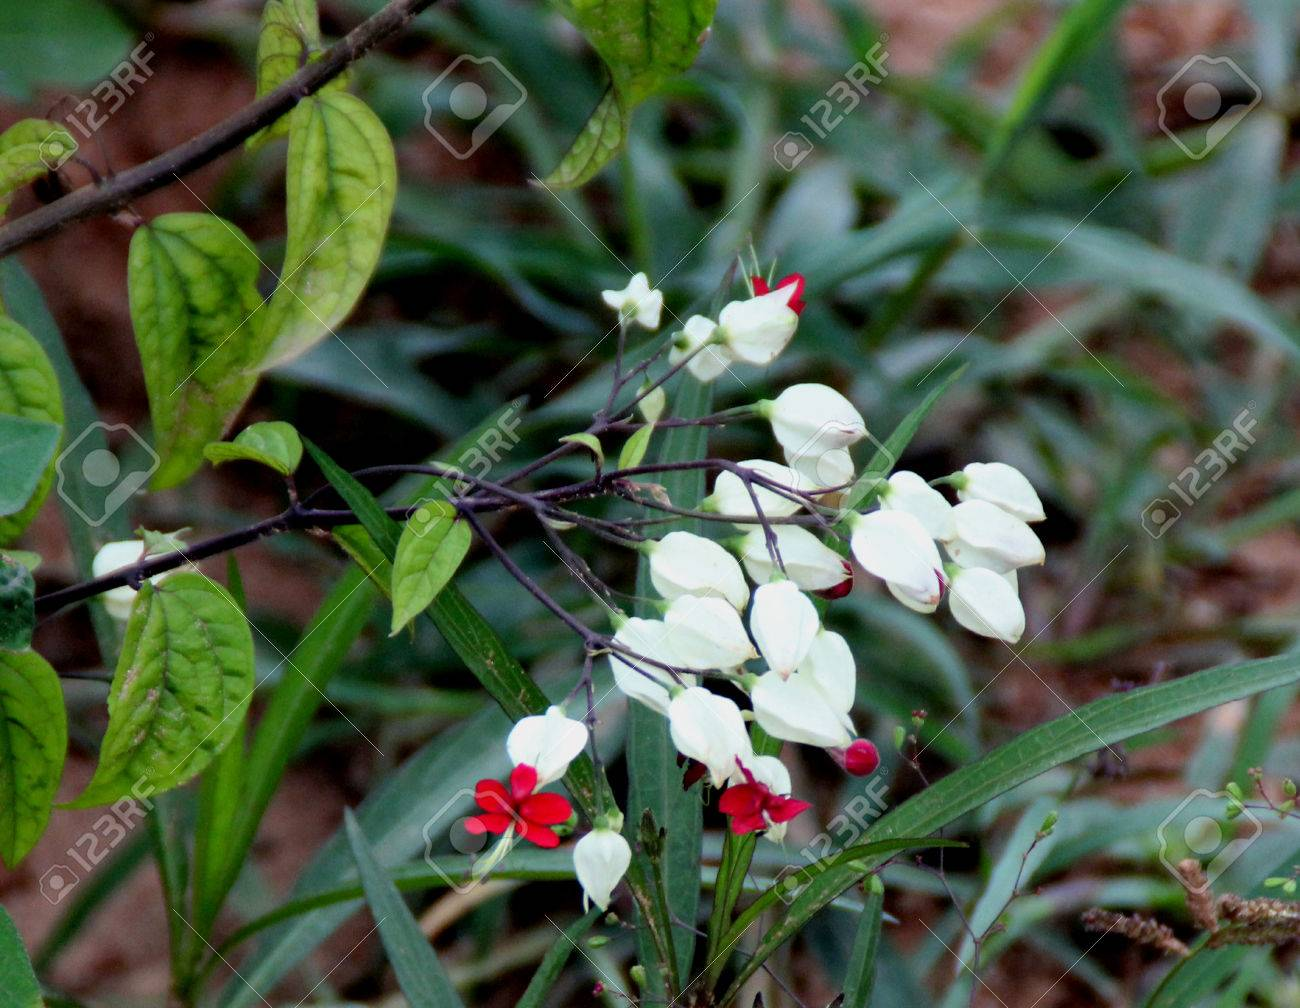 Astonishing Florida Bleeding Heart Vine S 65377922 Clerodendrum Thomsoniae Bleeding Heart Vine Bleeding Glory Flower Evergreen Vine Oblong Leaves Bleeding Heart Vine houzz-03 Bleeding Heart Vine